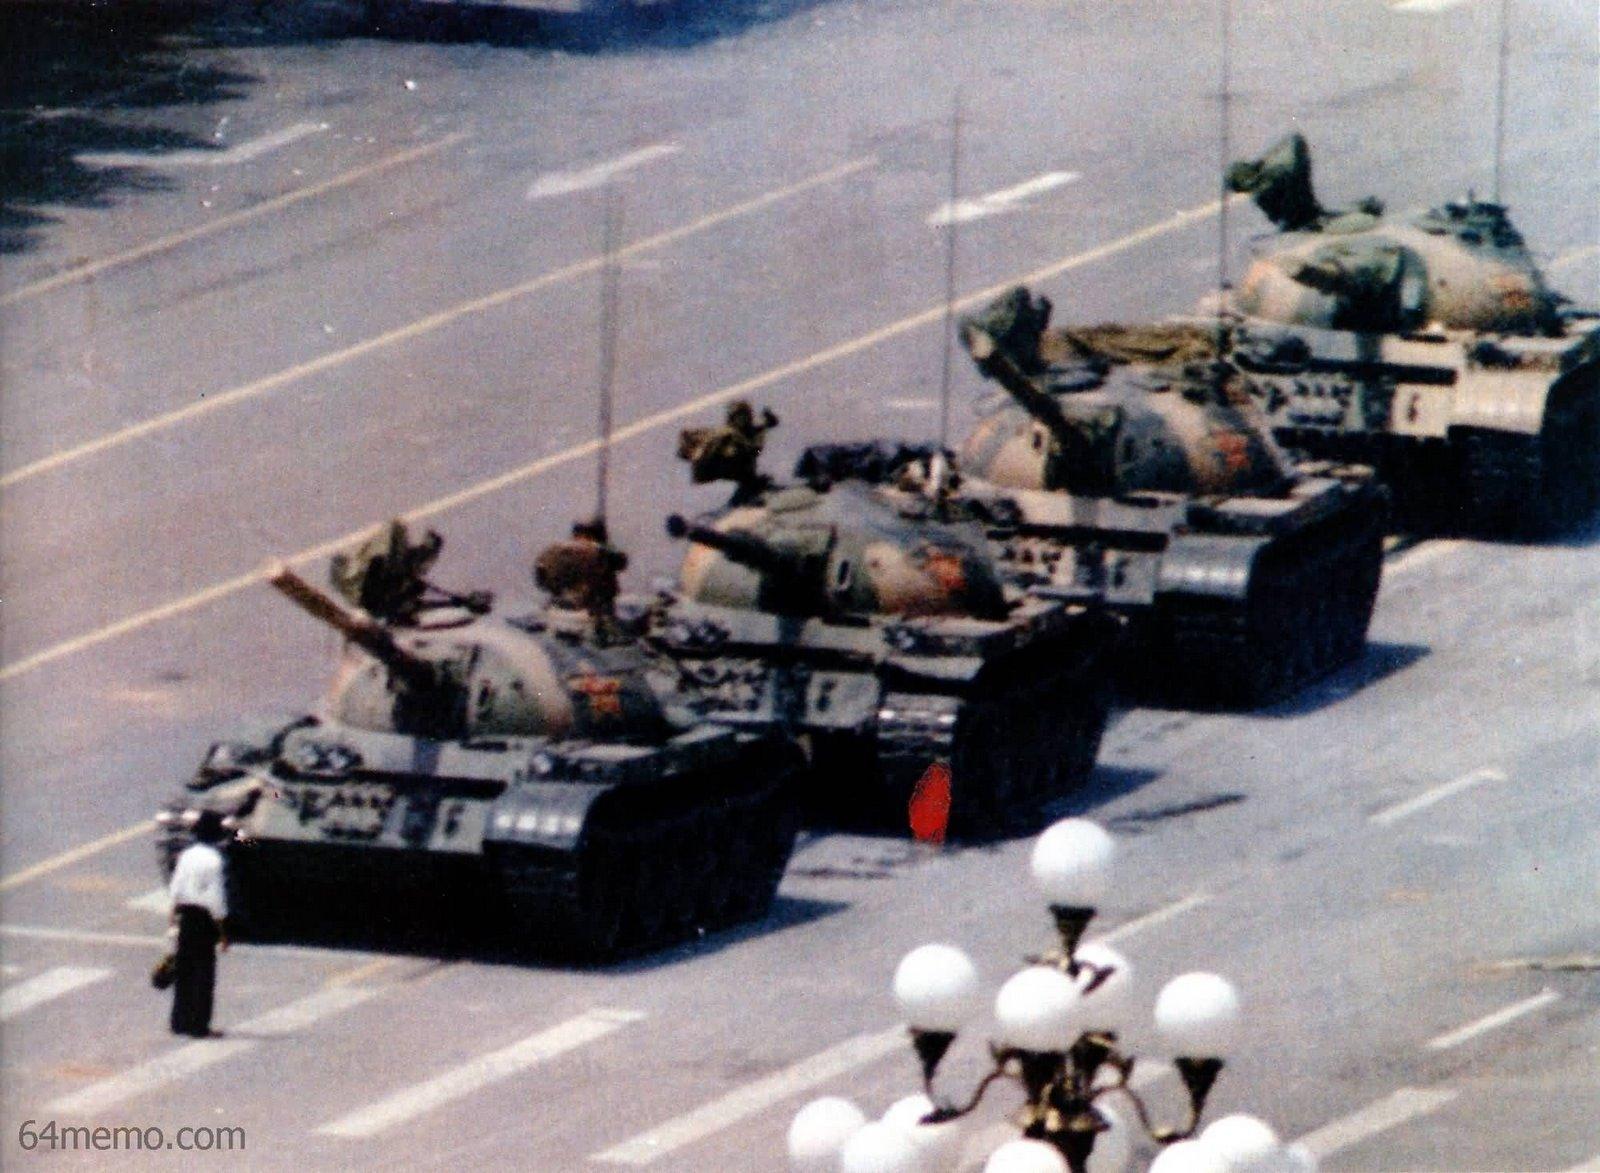 Tianenmen Square Tank